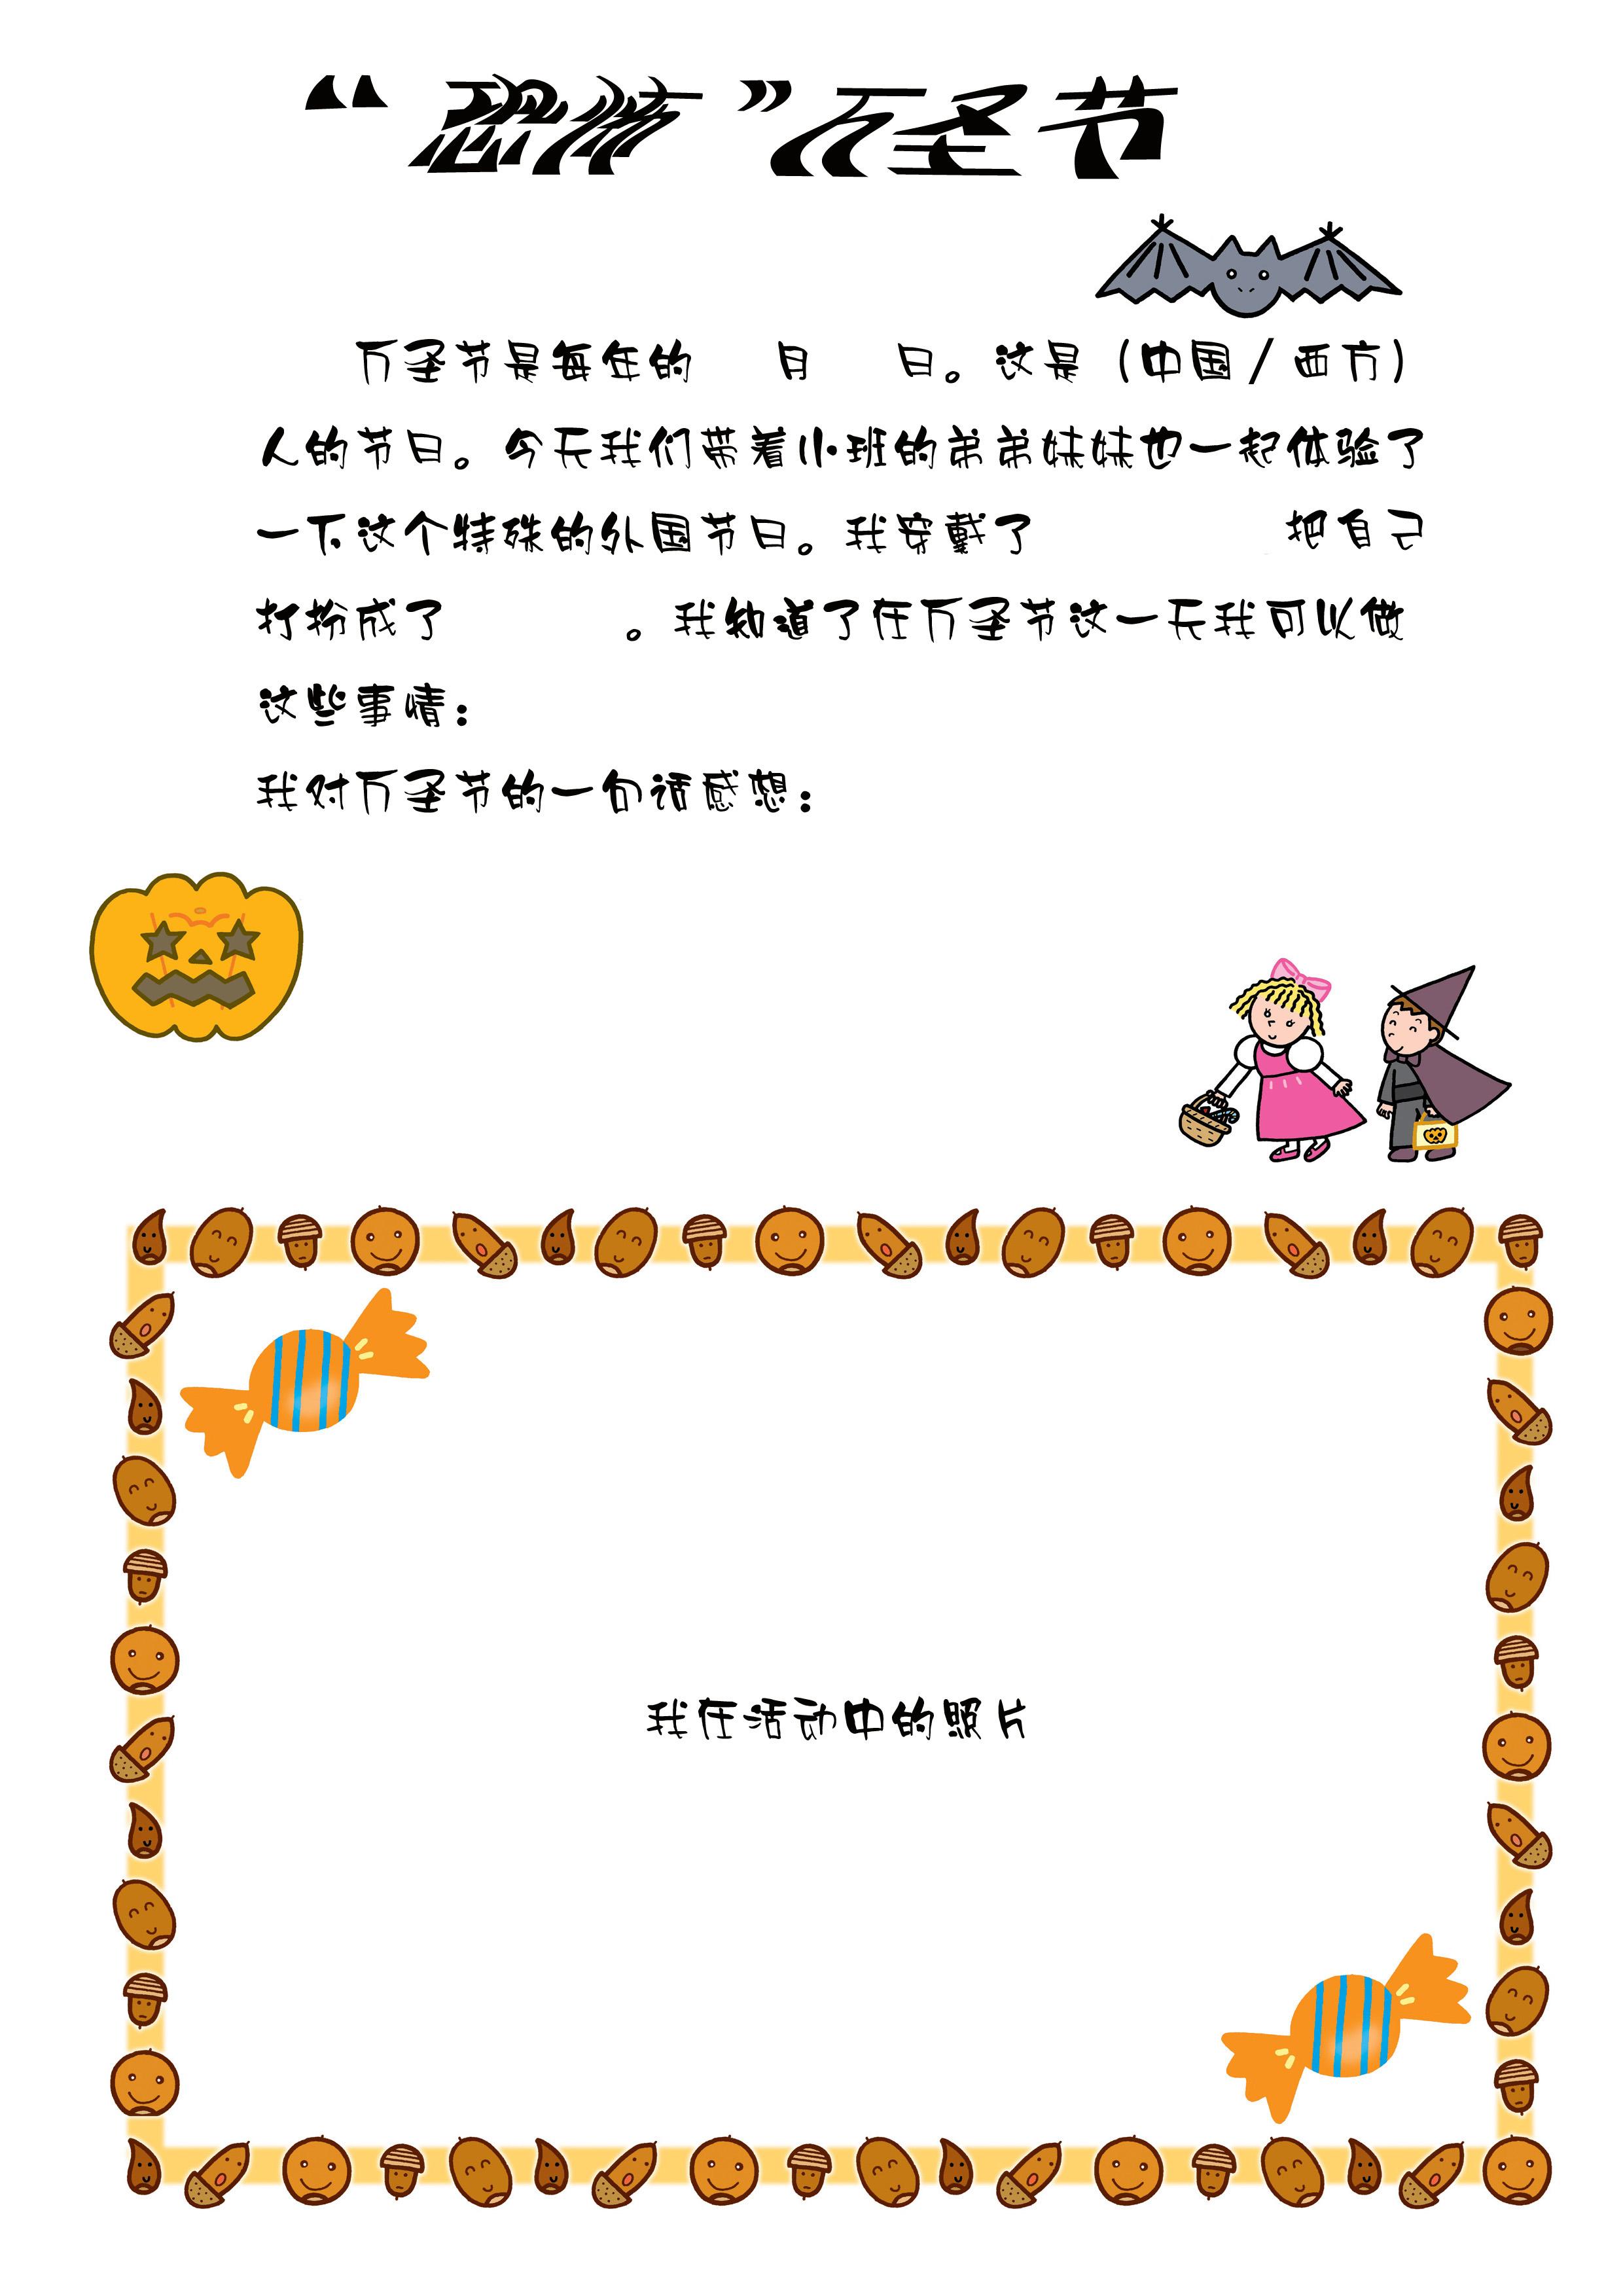 幼儿园作业边框装饰_亿库素材网